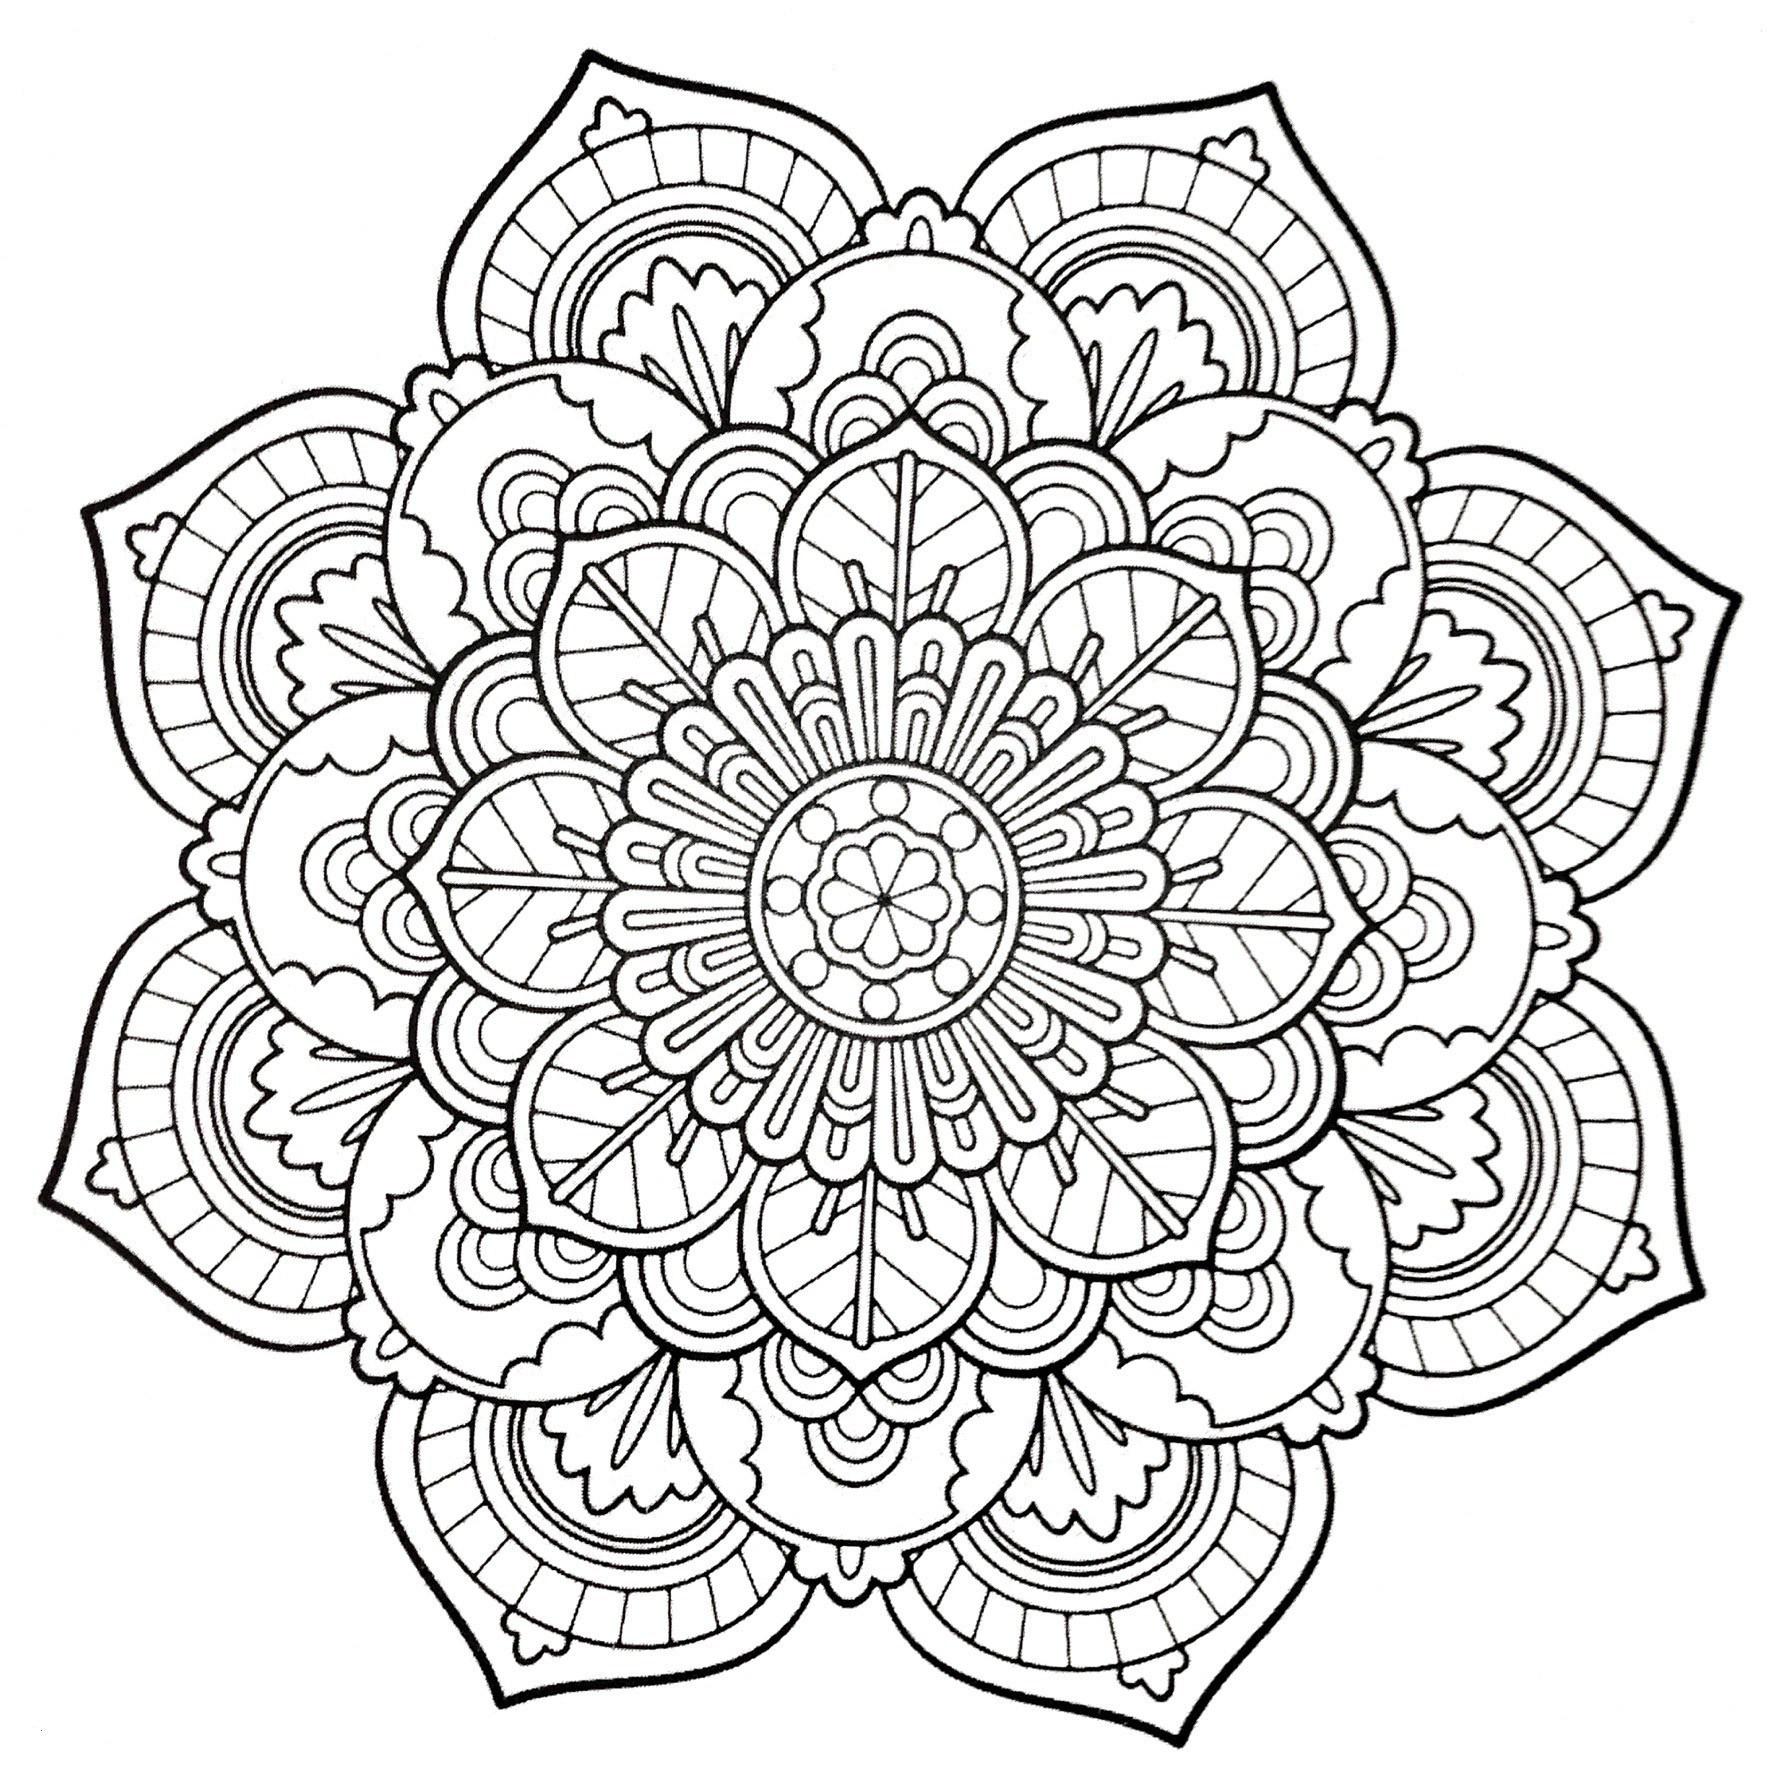 Malvorlage Blumen ornamente Das Beste Von 35 Malvorlagen Blumen Für Erwachsene Scoredatscore Schön Sammlung